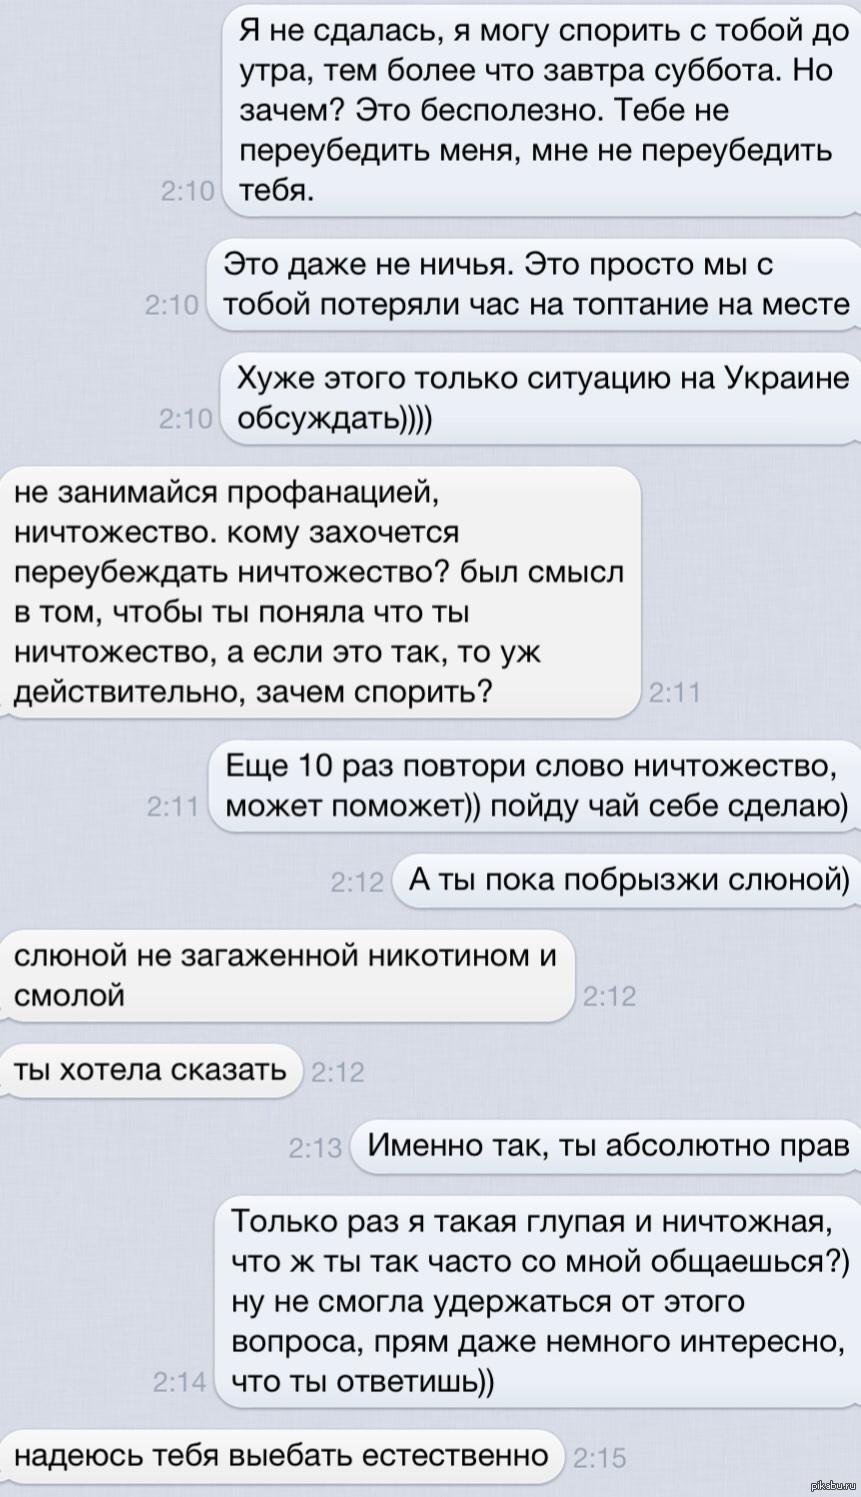 slova-dlya-virt-obsheniya-mmzh-s-straponom